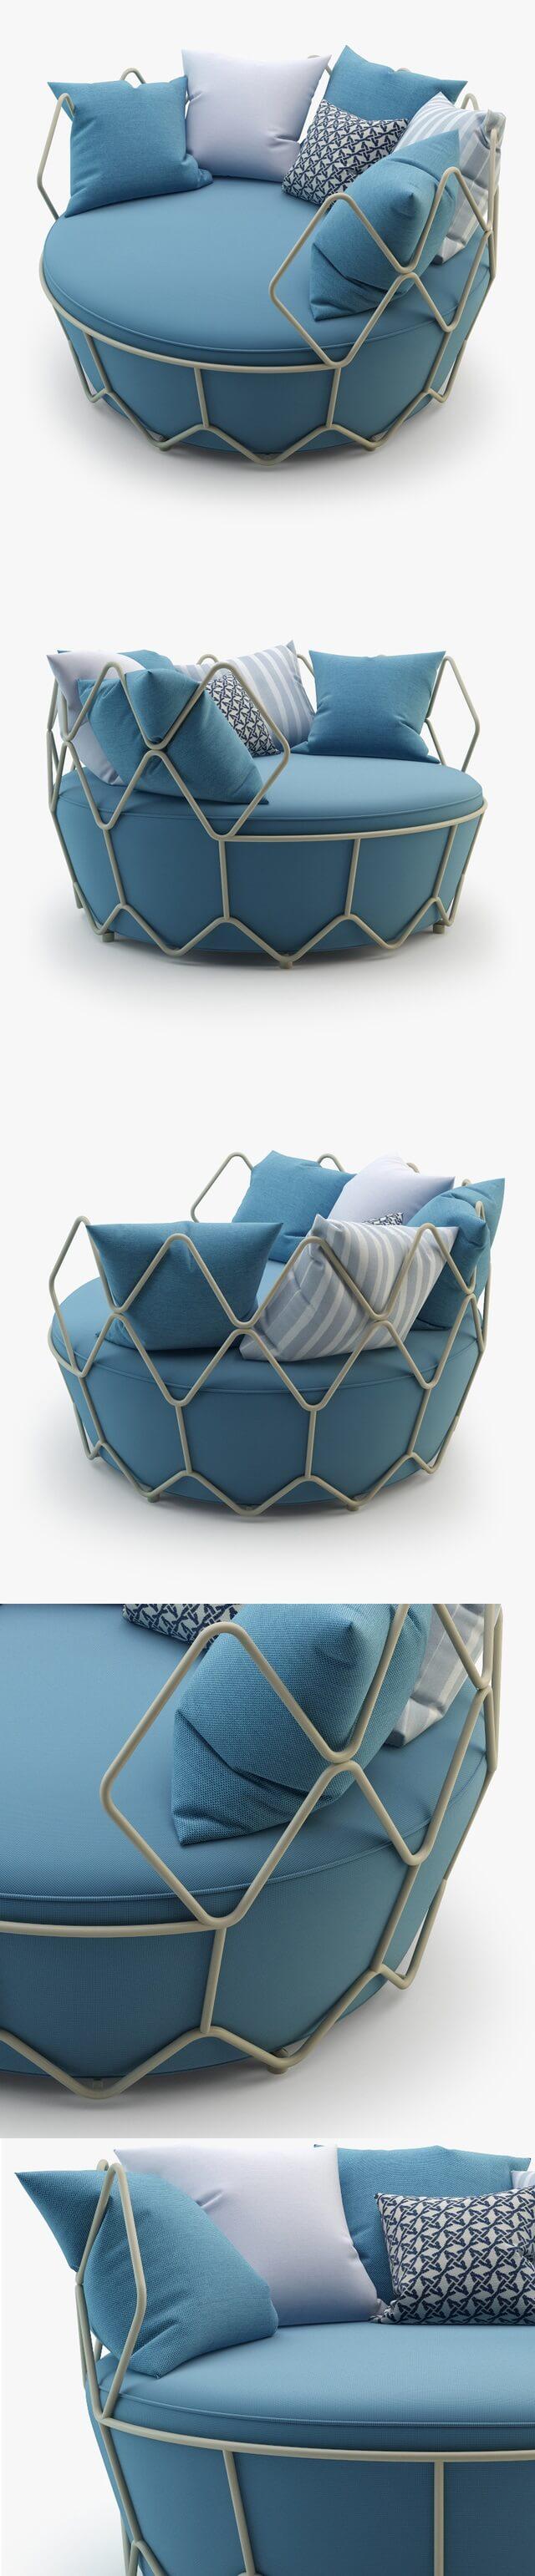 Roberti Rattan Gravity Outdoor Furniture 3D Model (3)